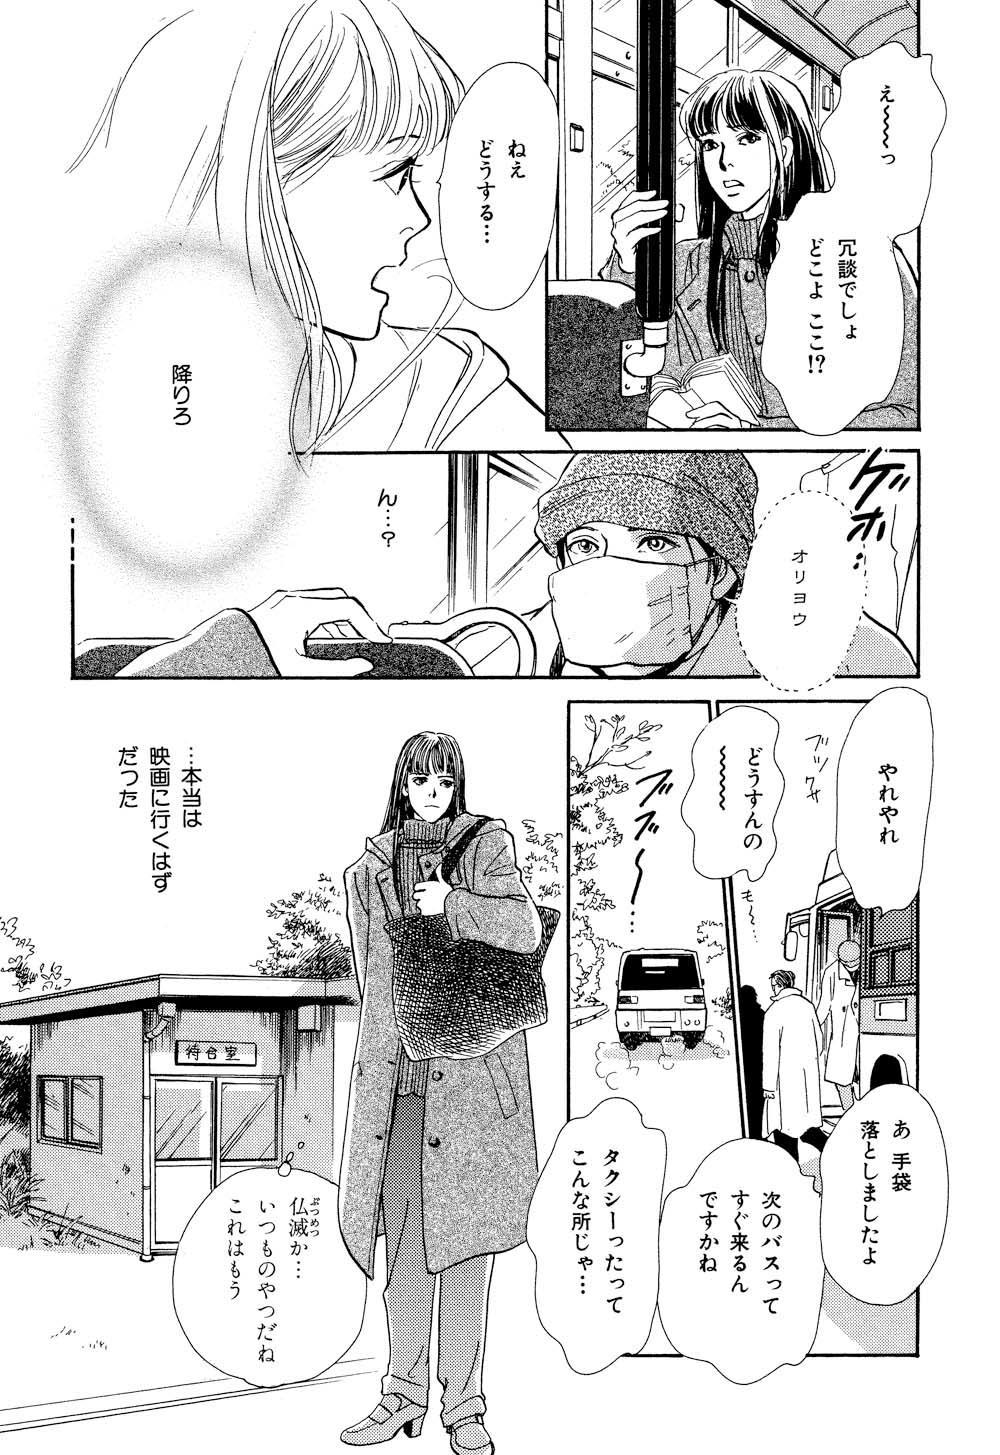 百鬼夜行抄_07_0061.jpg